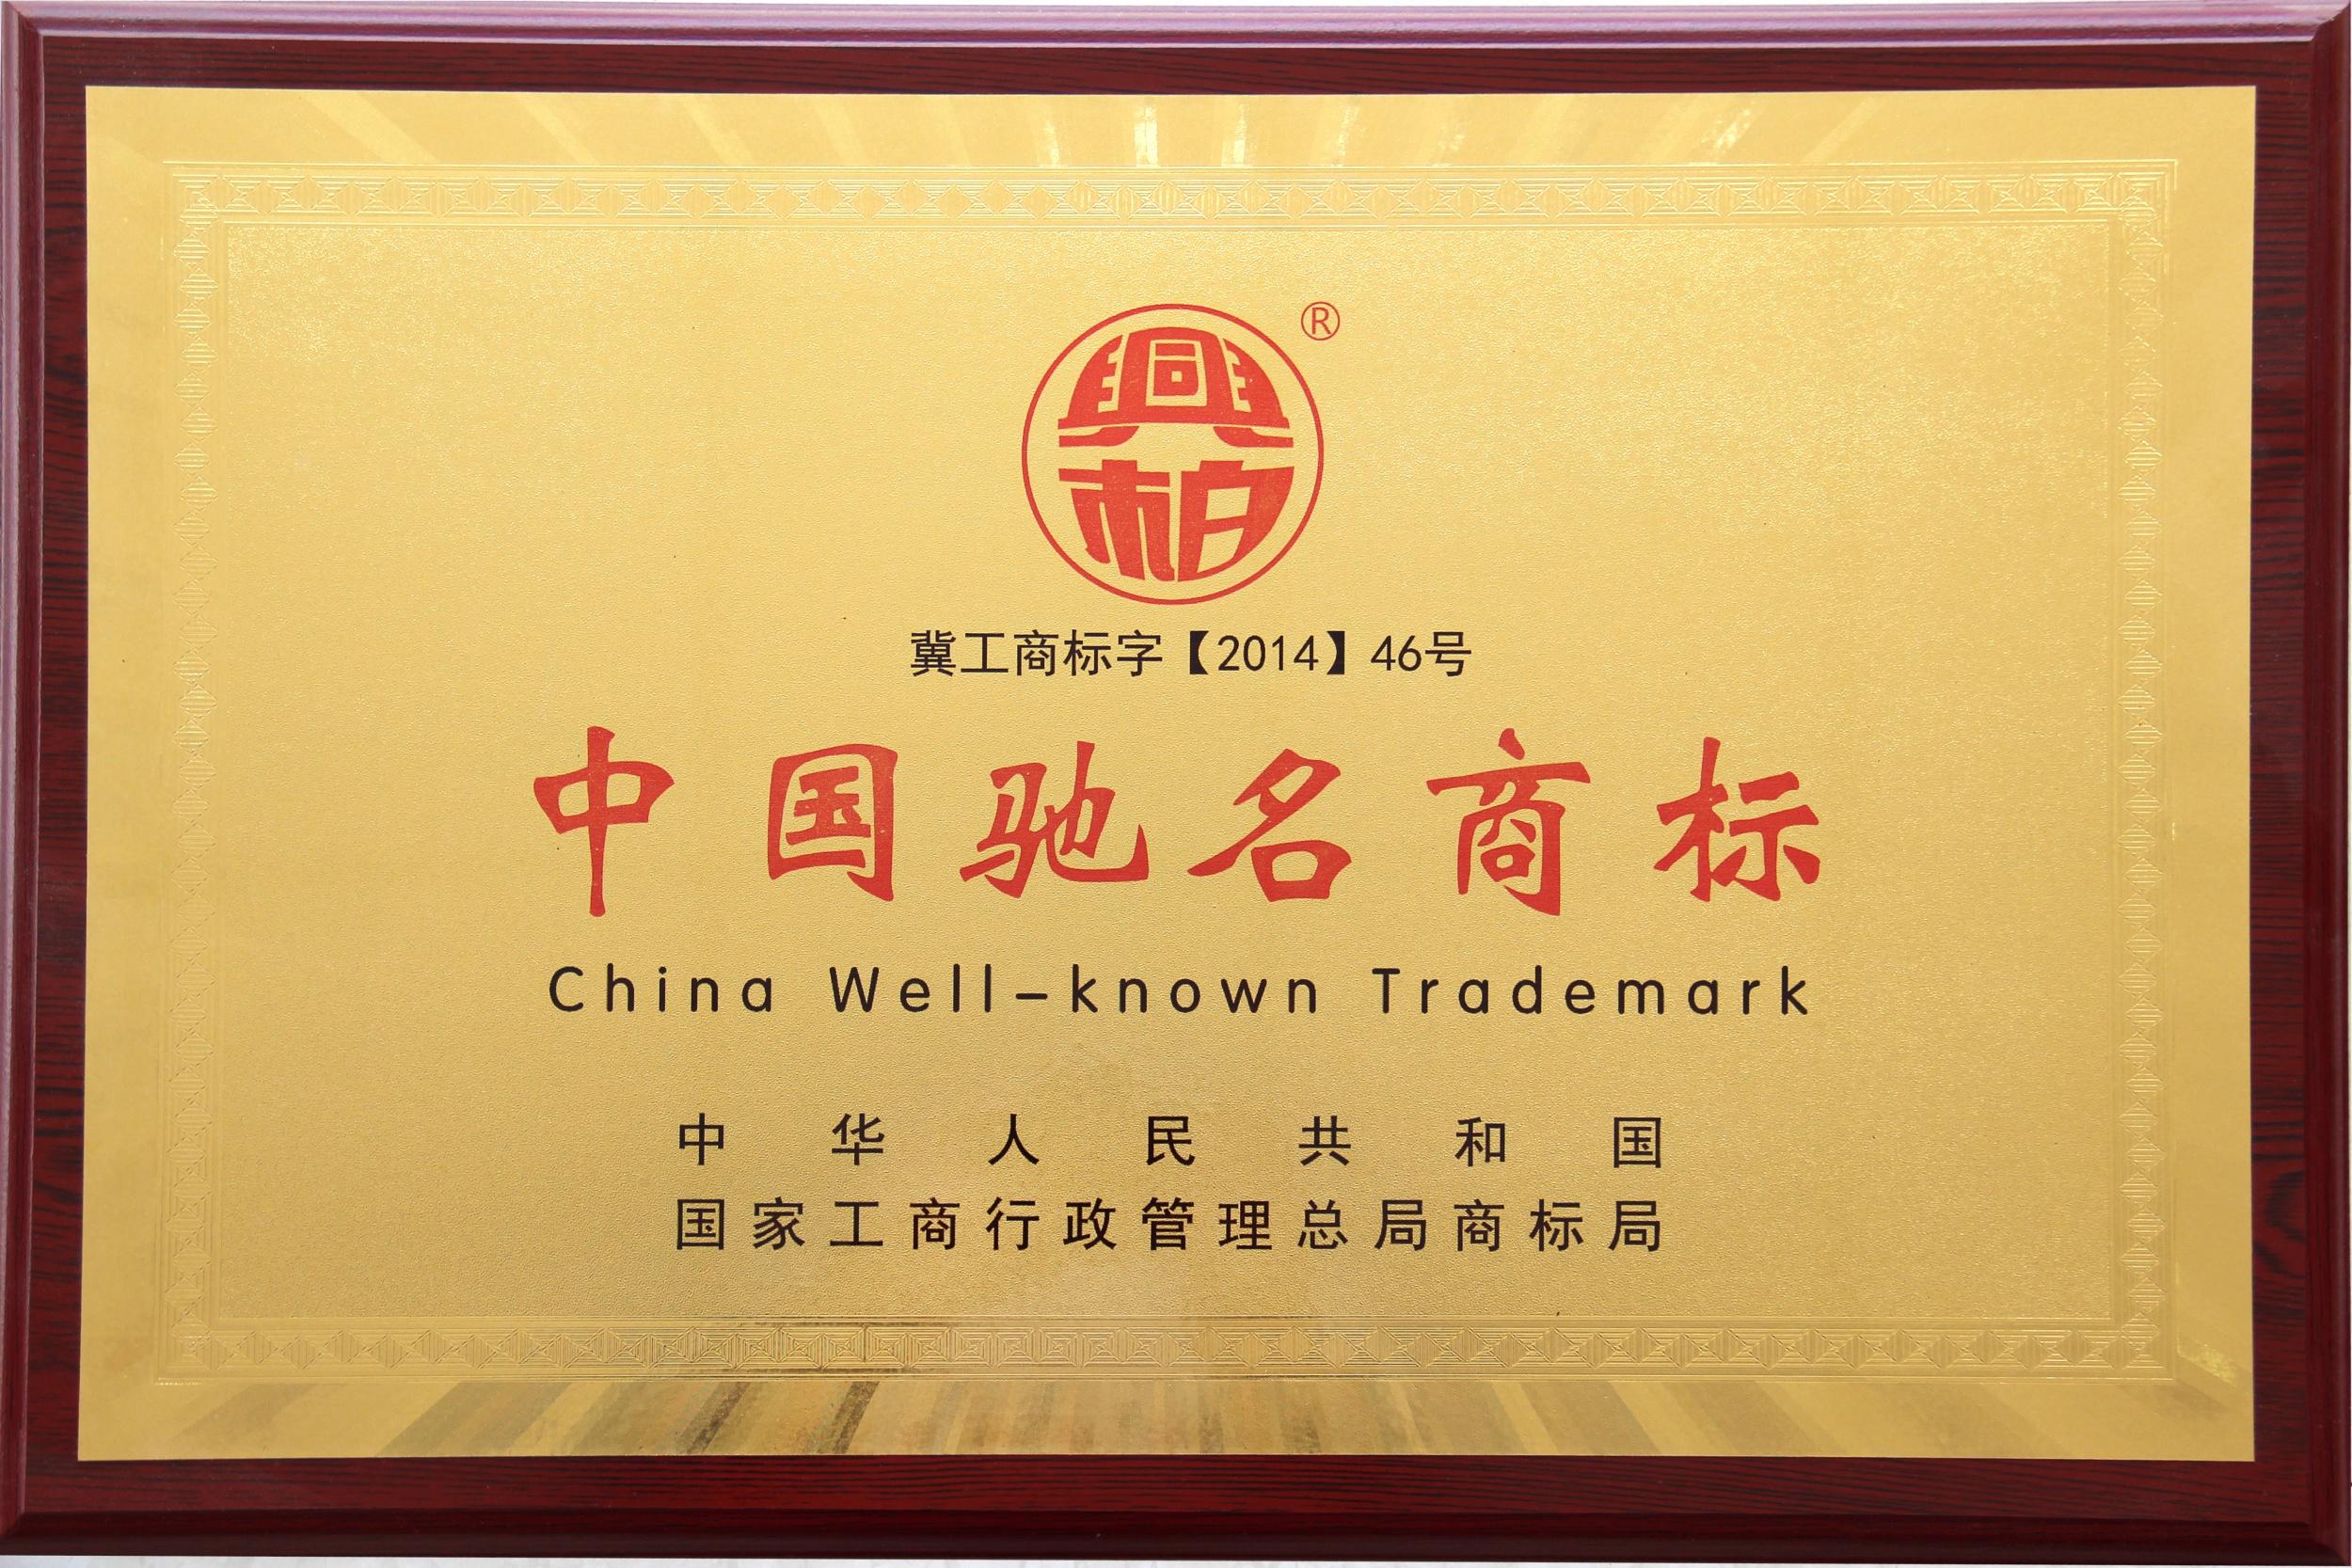 Была награждена известную китайскую товарную марку